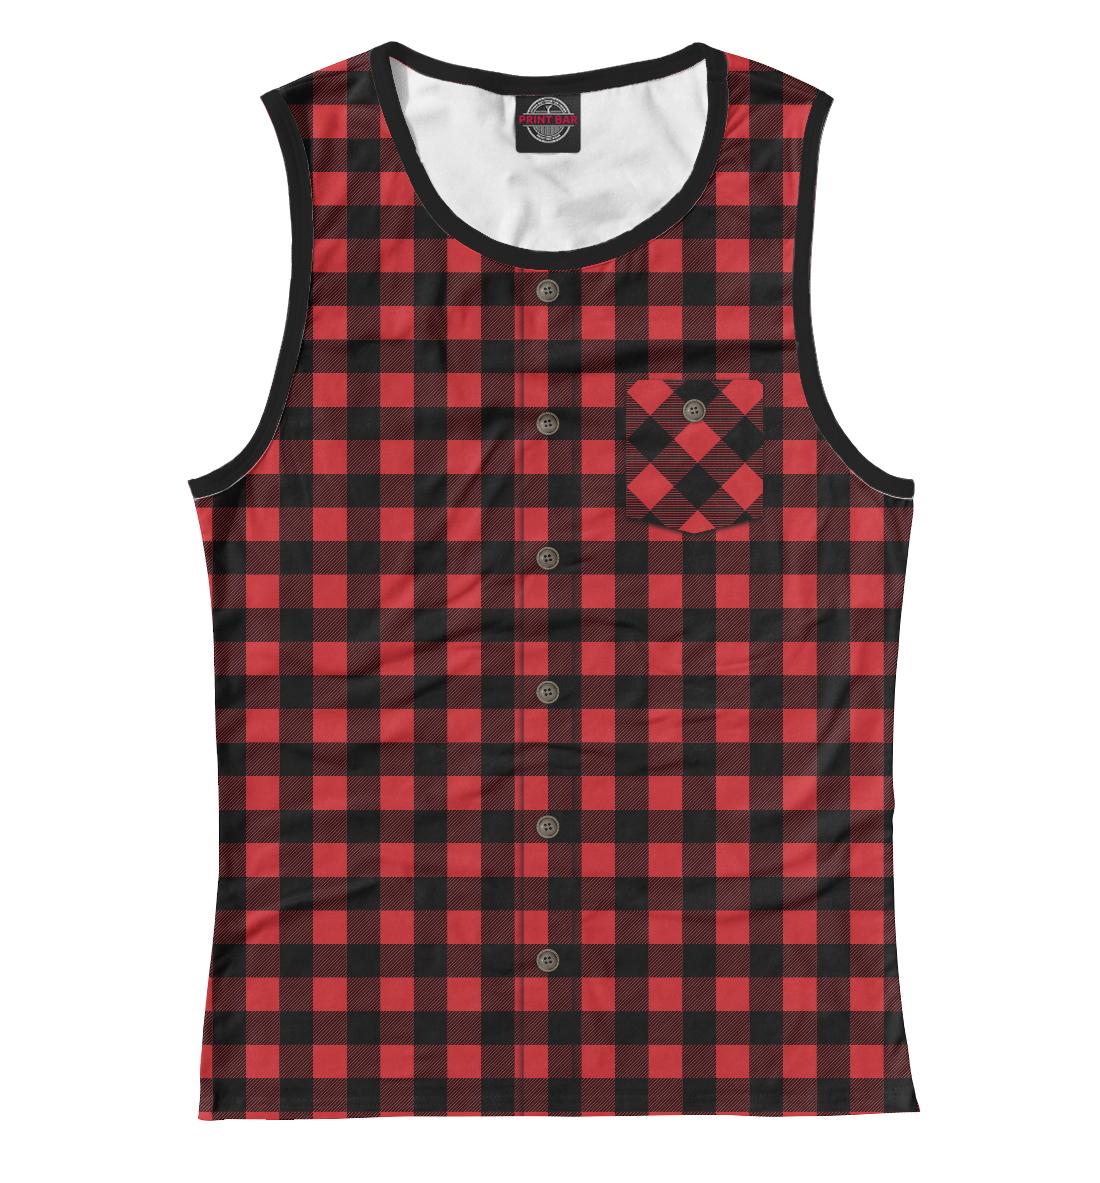 Купить Красная рубашка в клетку, Printbar, Майки, CST-952879-may-1